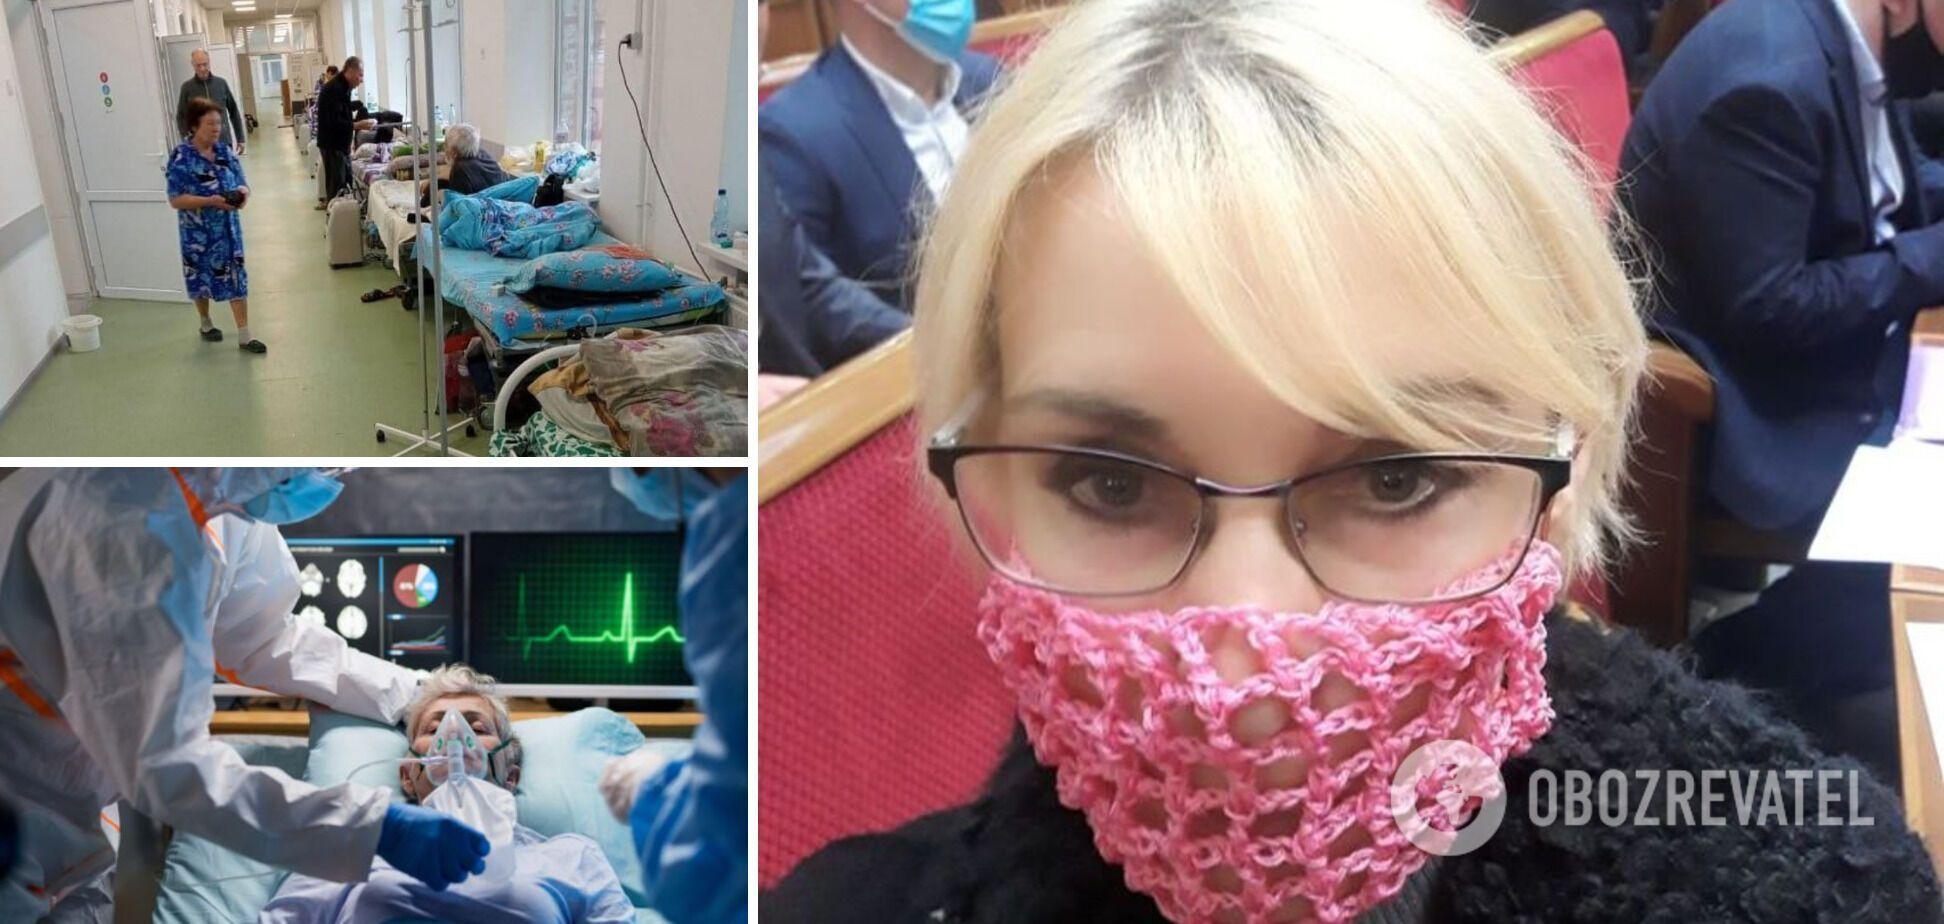 Нардепка від 'Слуги народу' на тлі спалаху COVID-19 виступила проти вакцинації